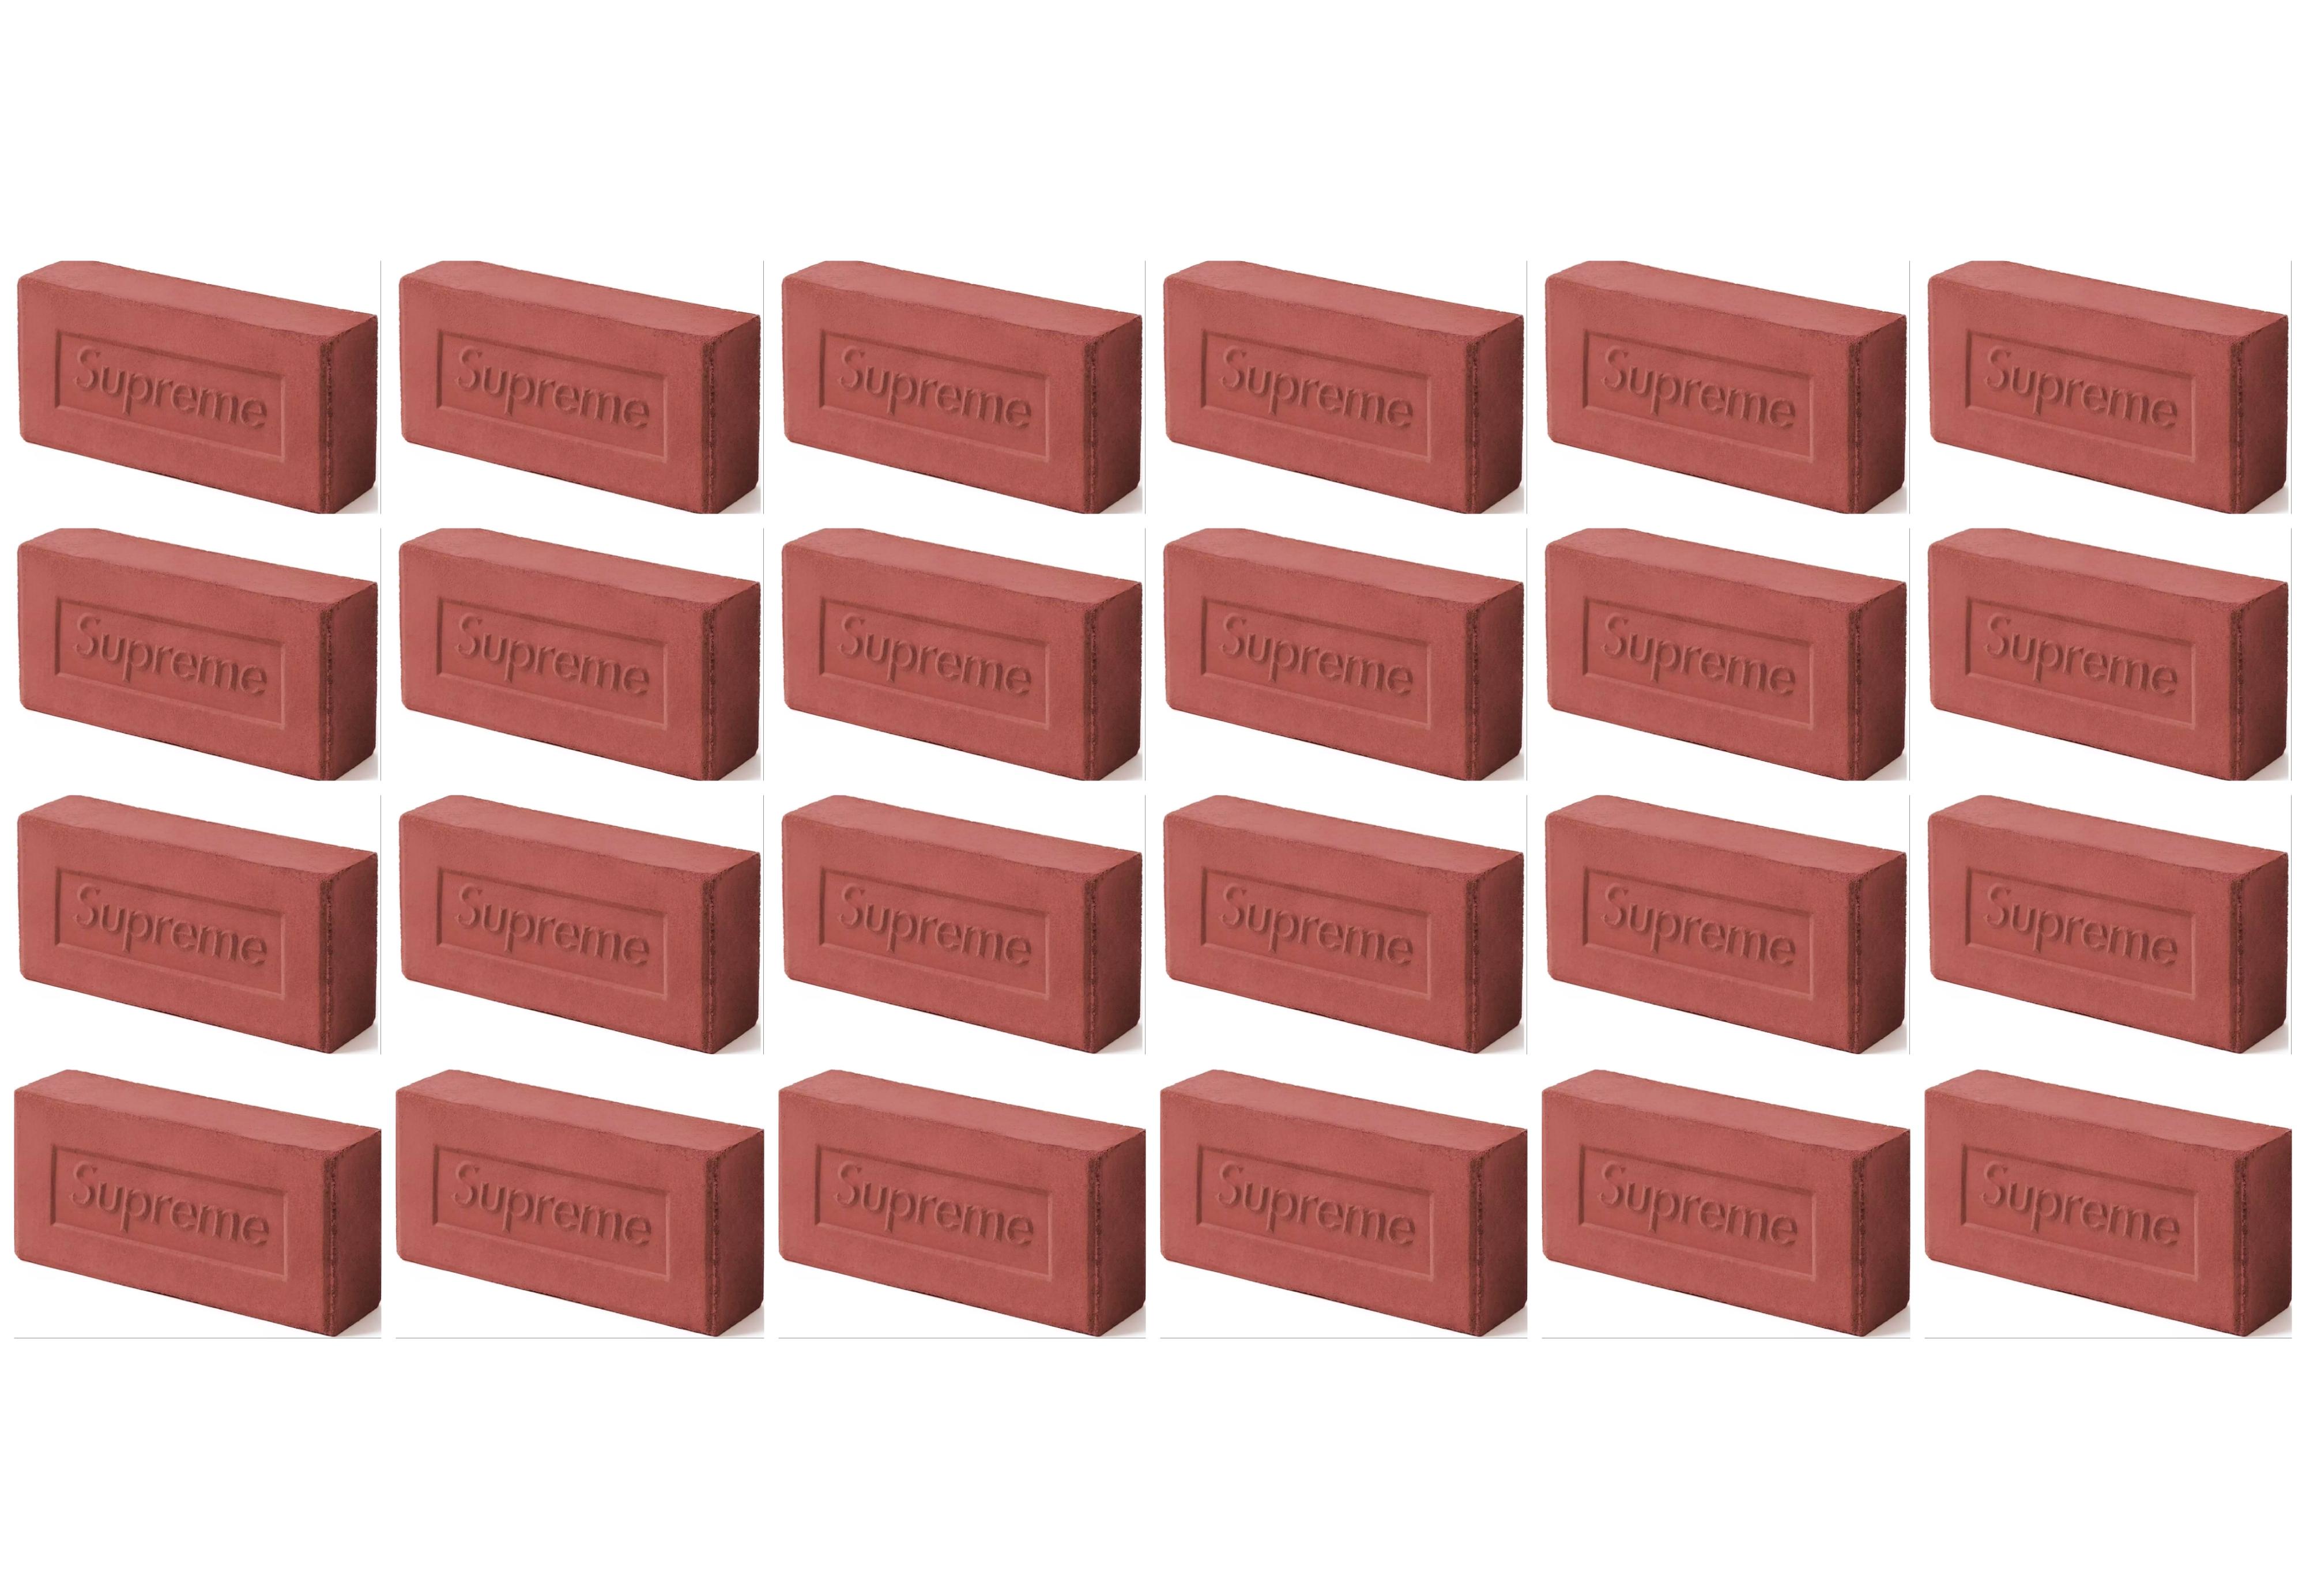 supreme-brick-murstein